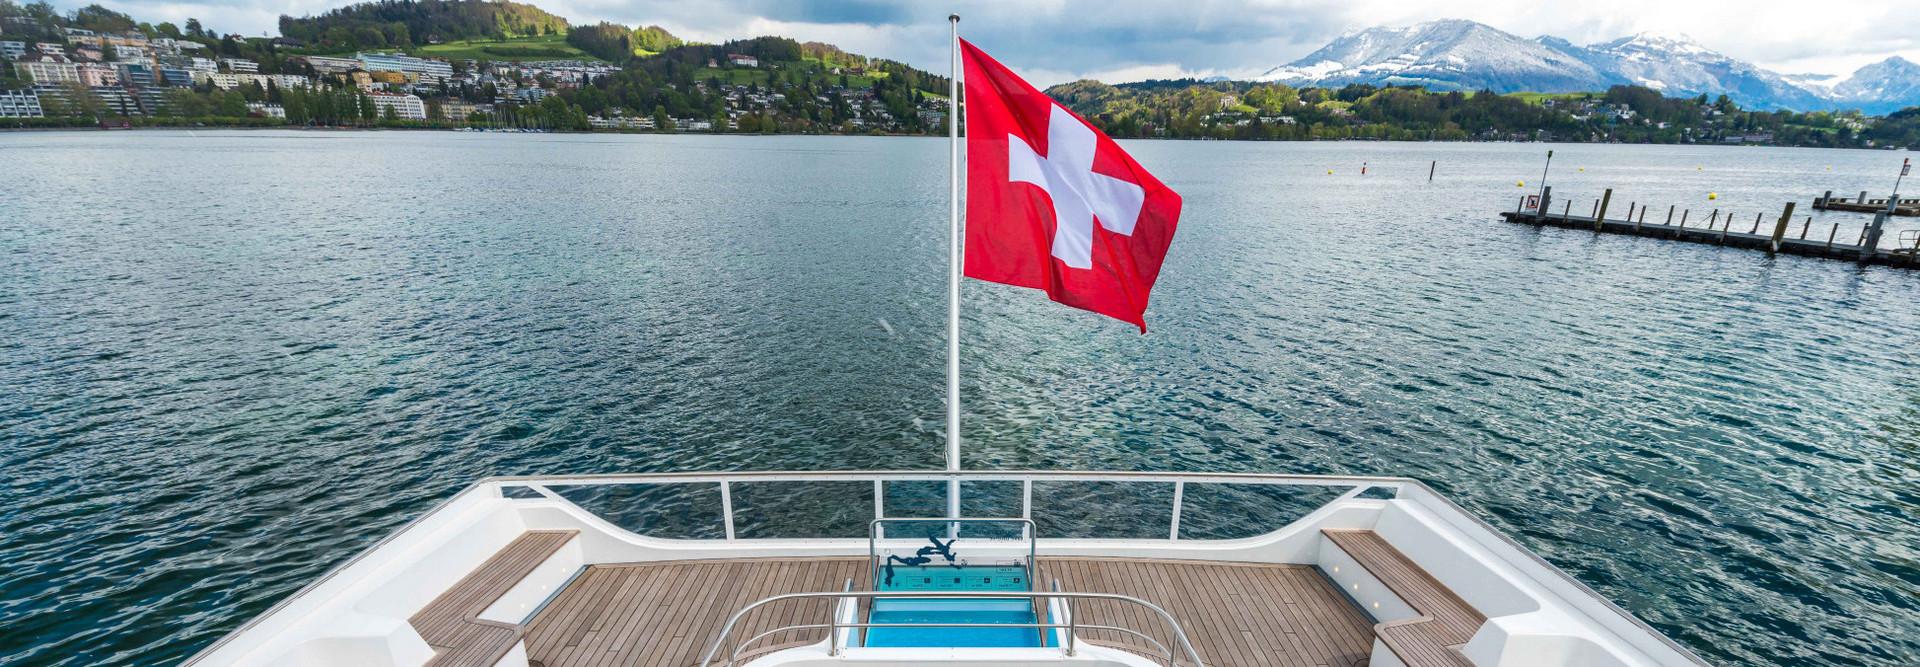 Sicht von oben auf das Heck von dem Motorschiff Diamant. Die Schweizer Fahne weht im Wind, der Himmel ist leicht bewölkt.